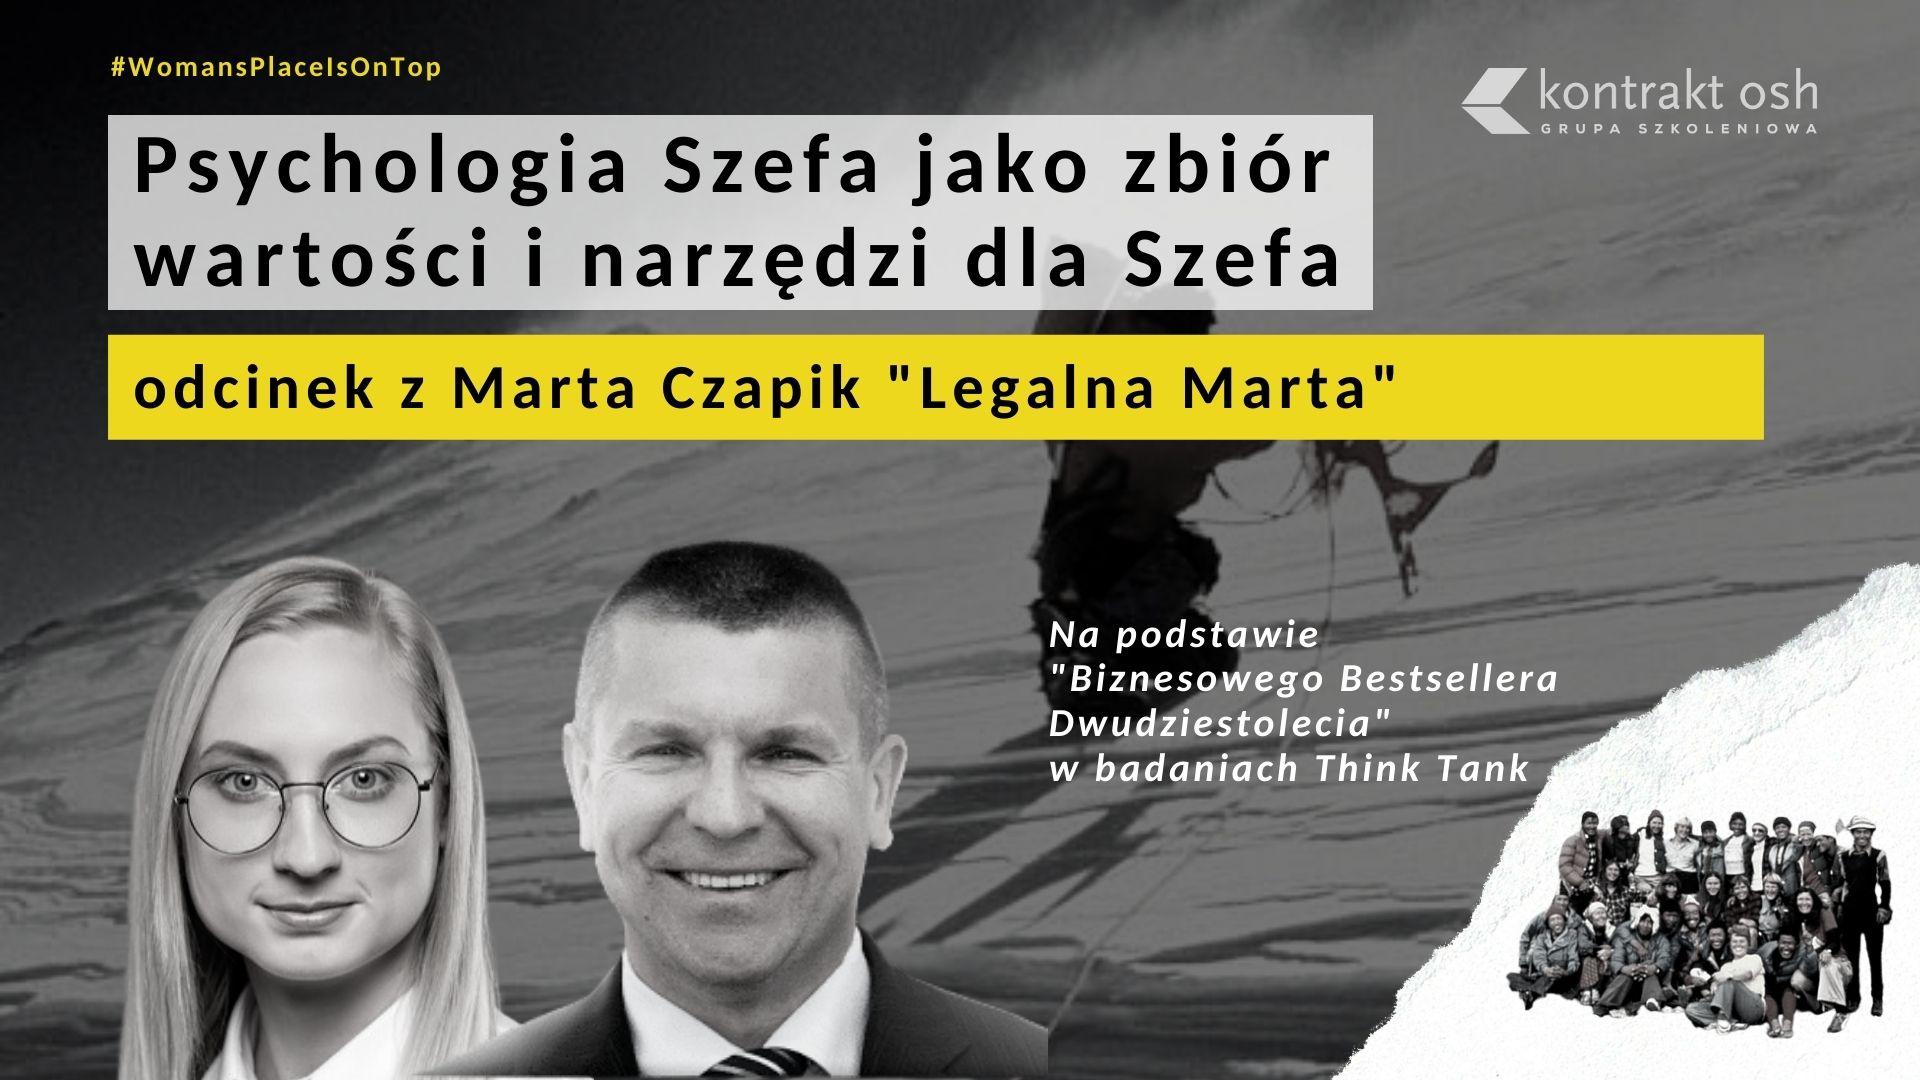 Marta Czapik